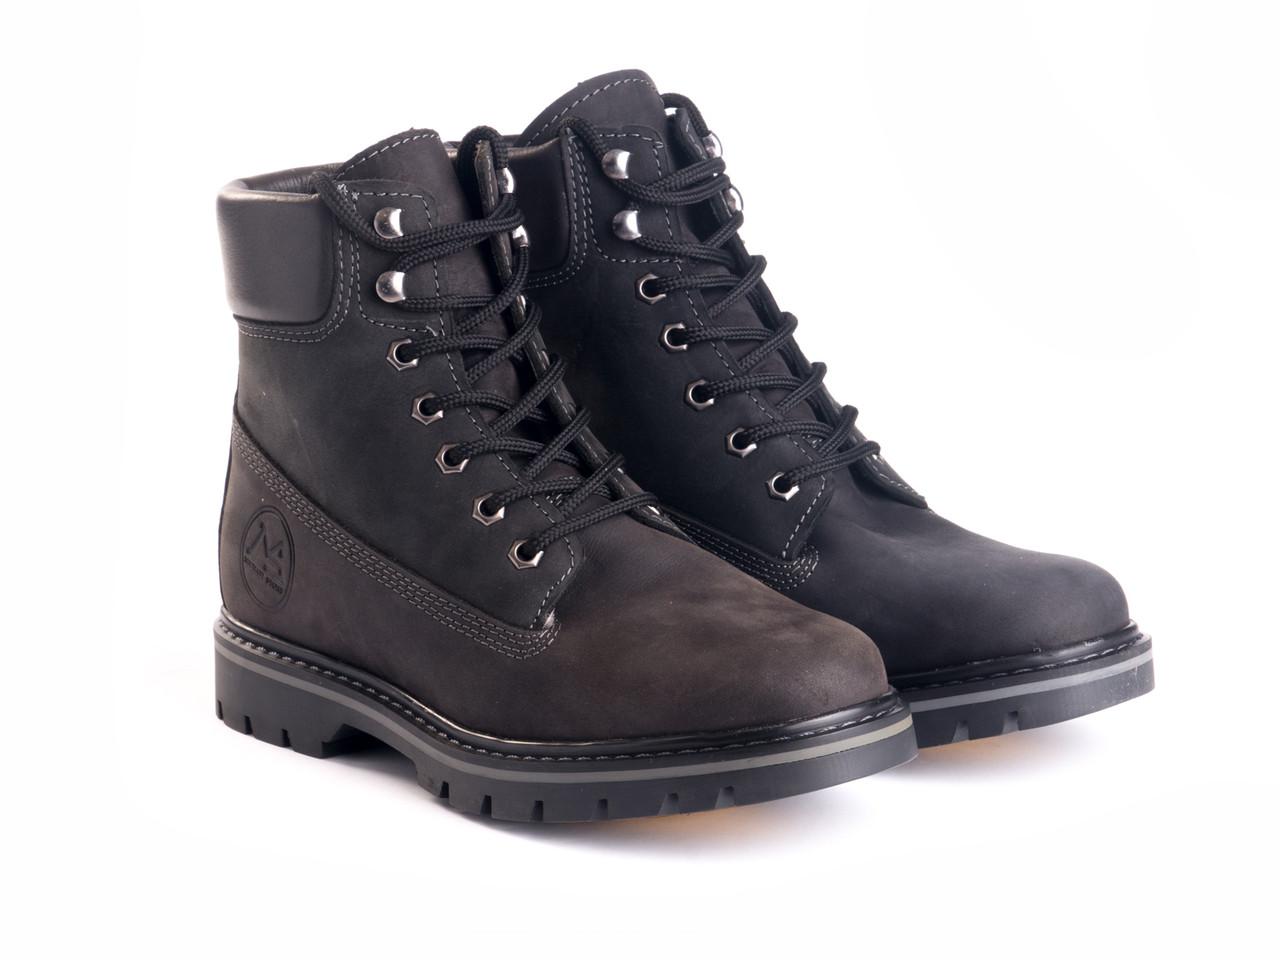 Ботинки Etor 9916-4004 45 черные